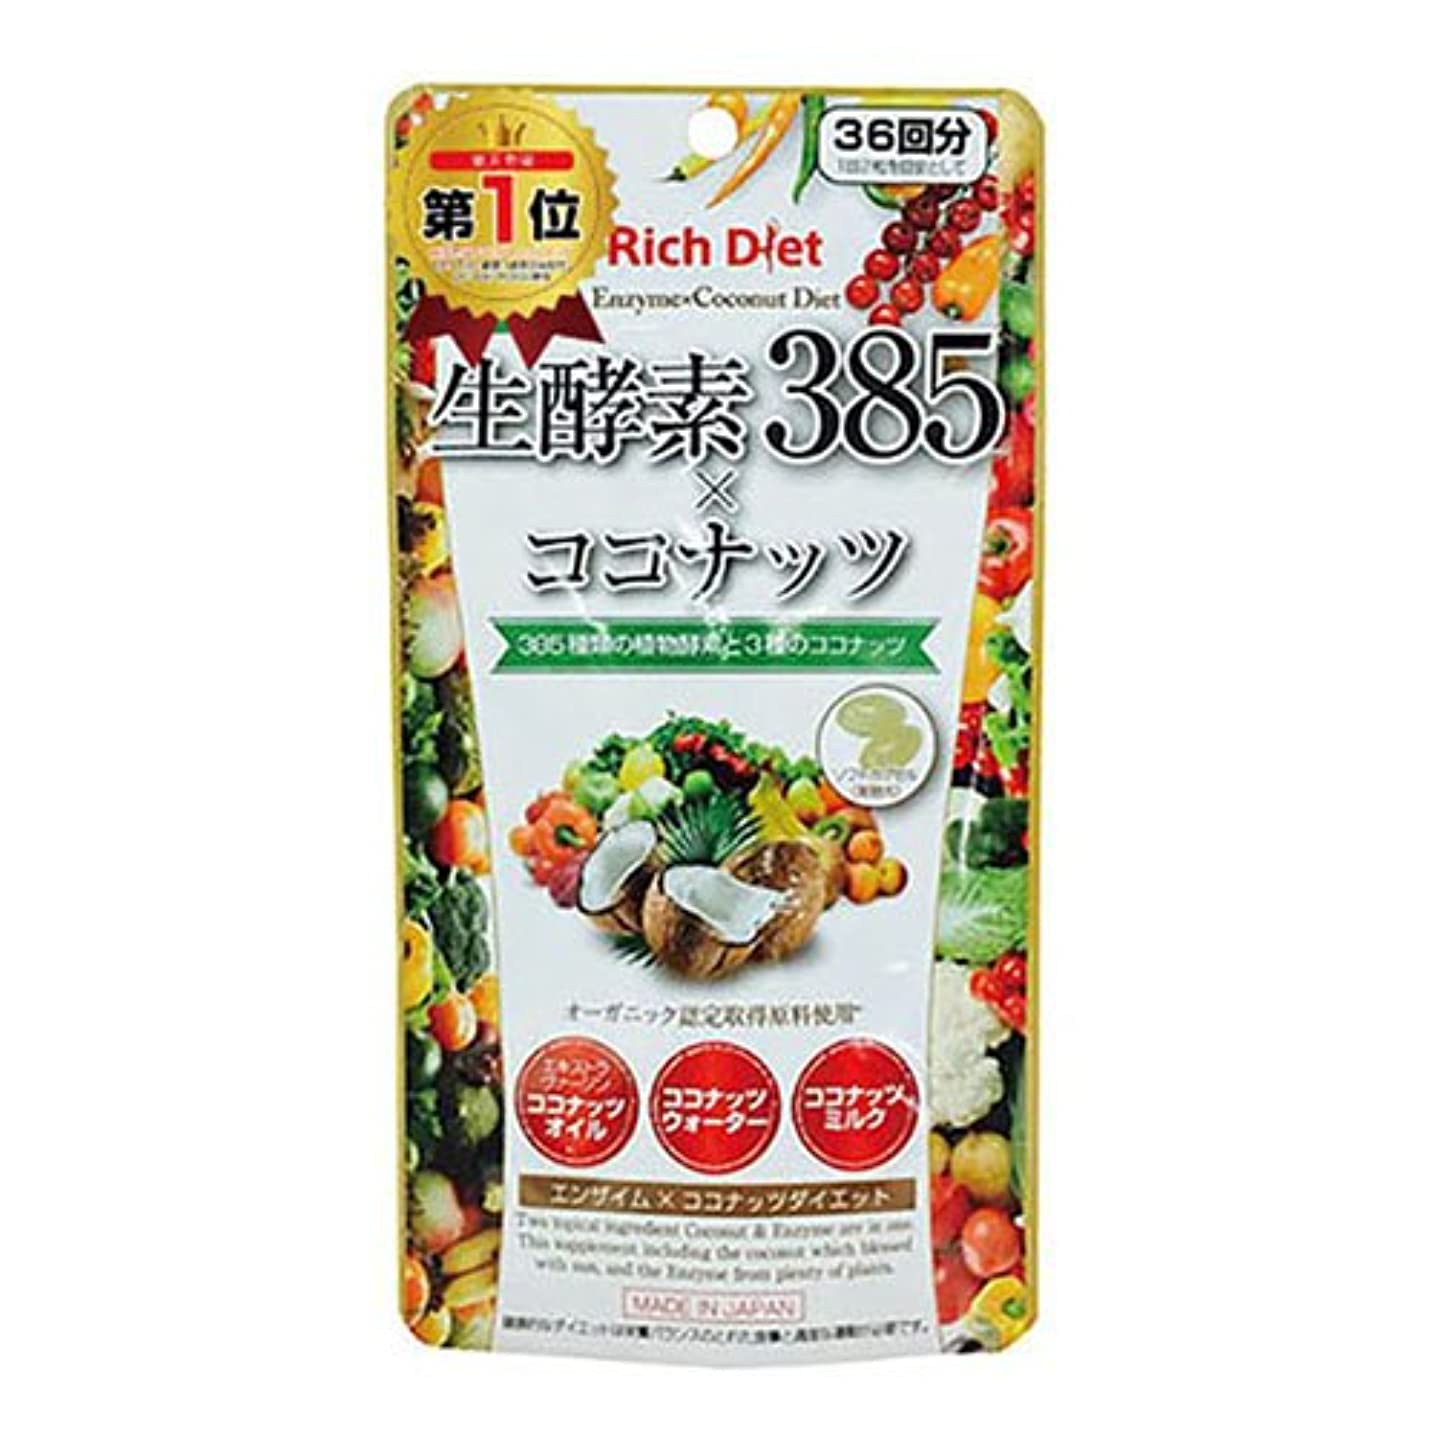 餌資料クスクスRich Diet 生酵素×ココナッツダイエット 72粒